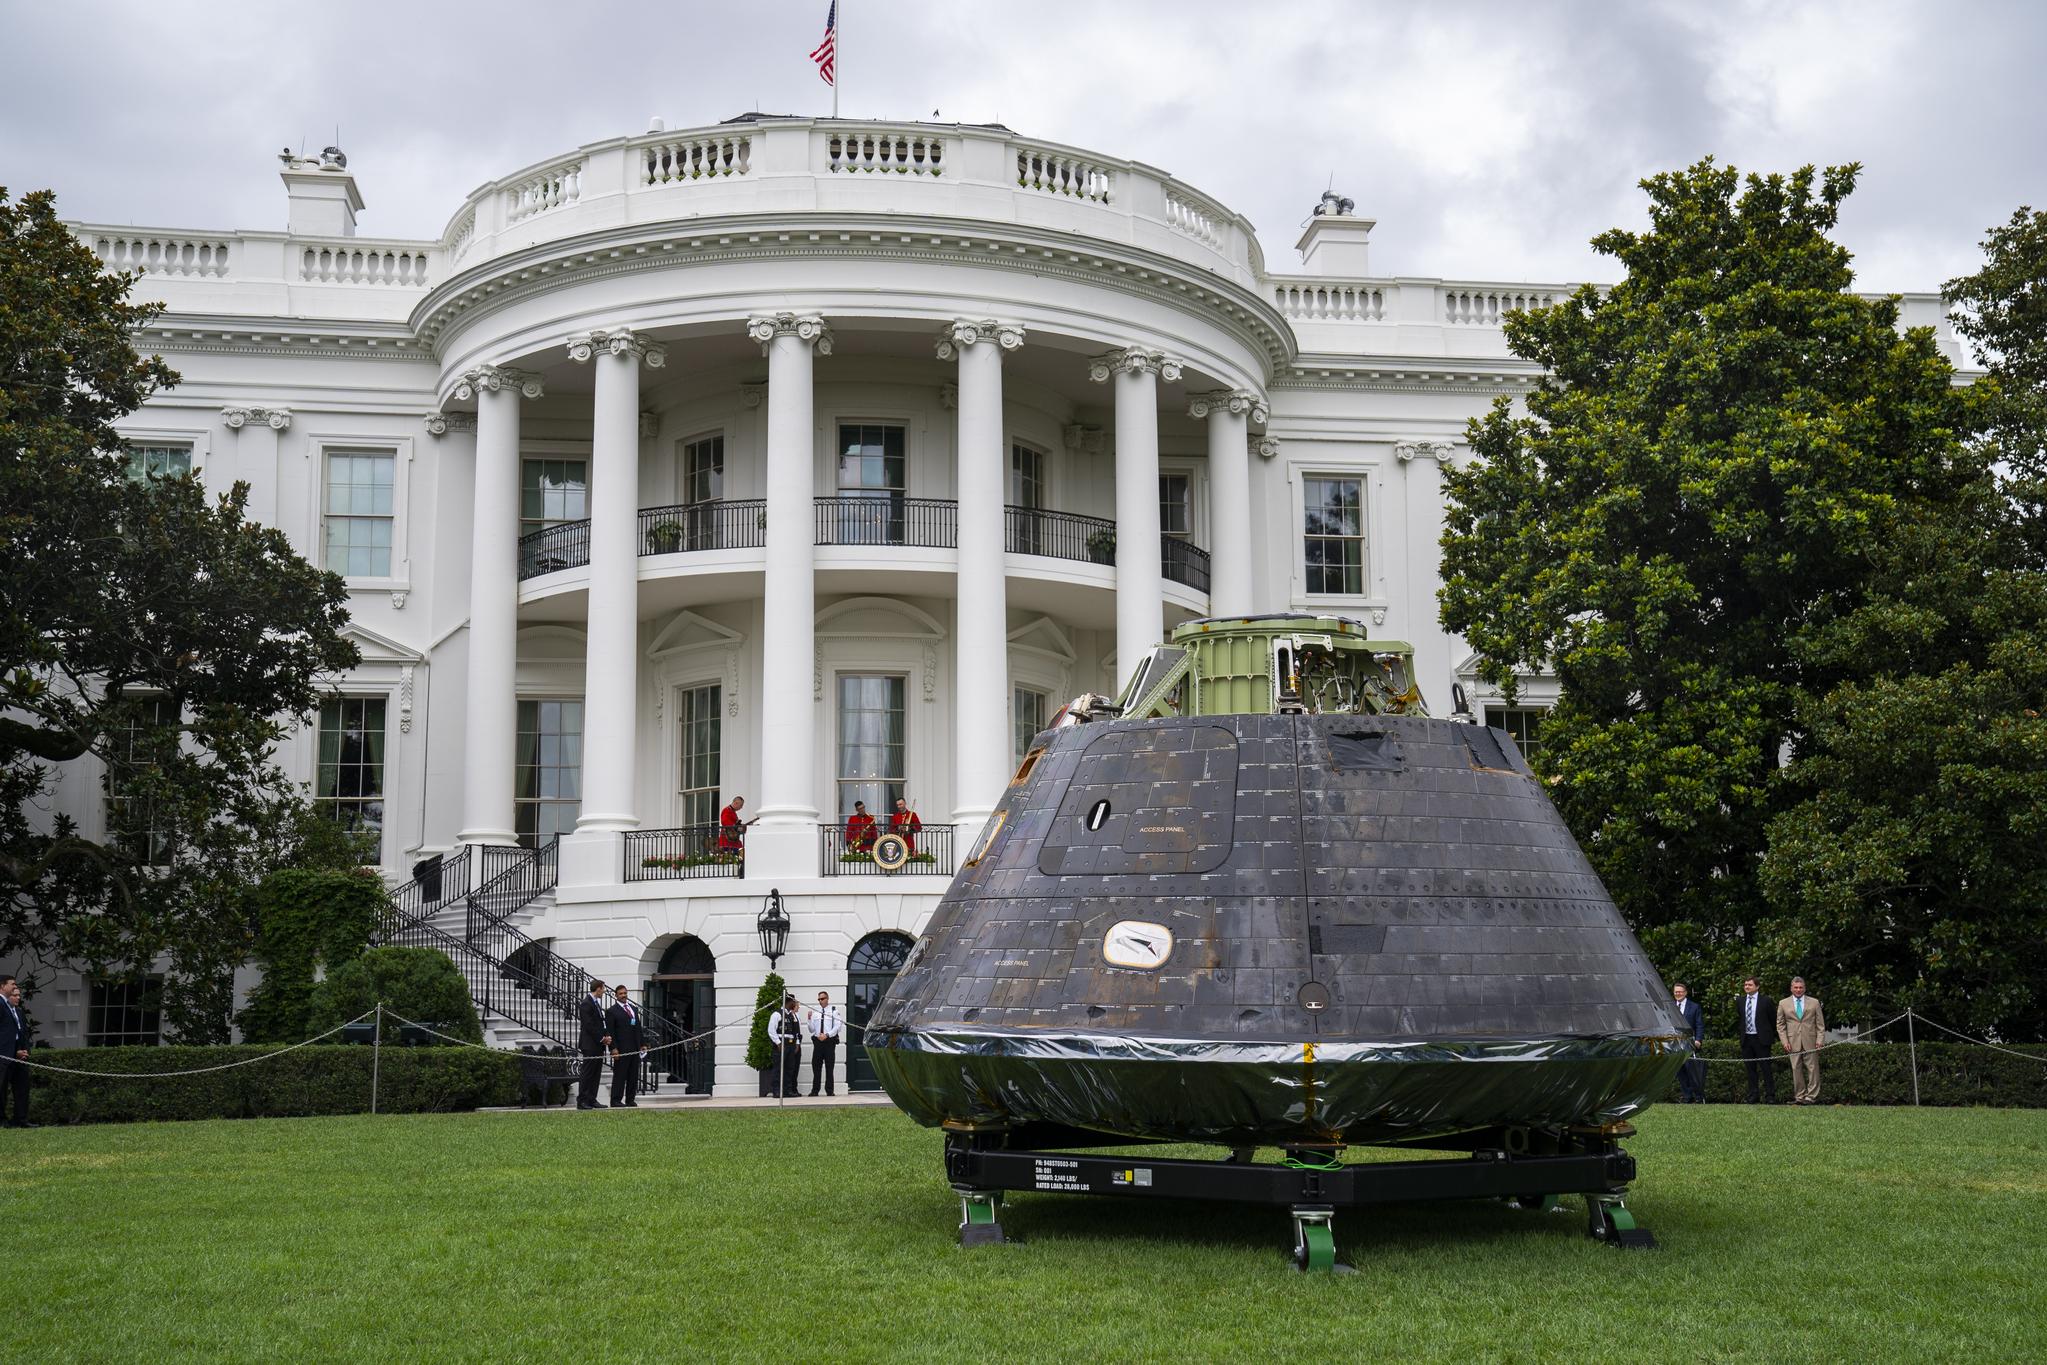 23일(현지시간) 미국 백악관 마당에 미 항공우주국(NASA)의 달과 화성 탐사에 쓰이는 우주탐사장비인 오리온 우주선 모델이 전시돼 있다. [EPA=연합뉴스]